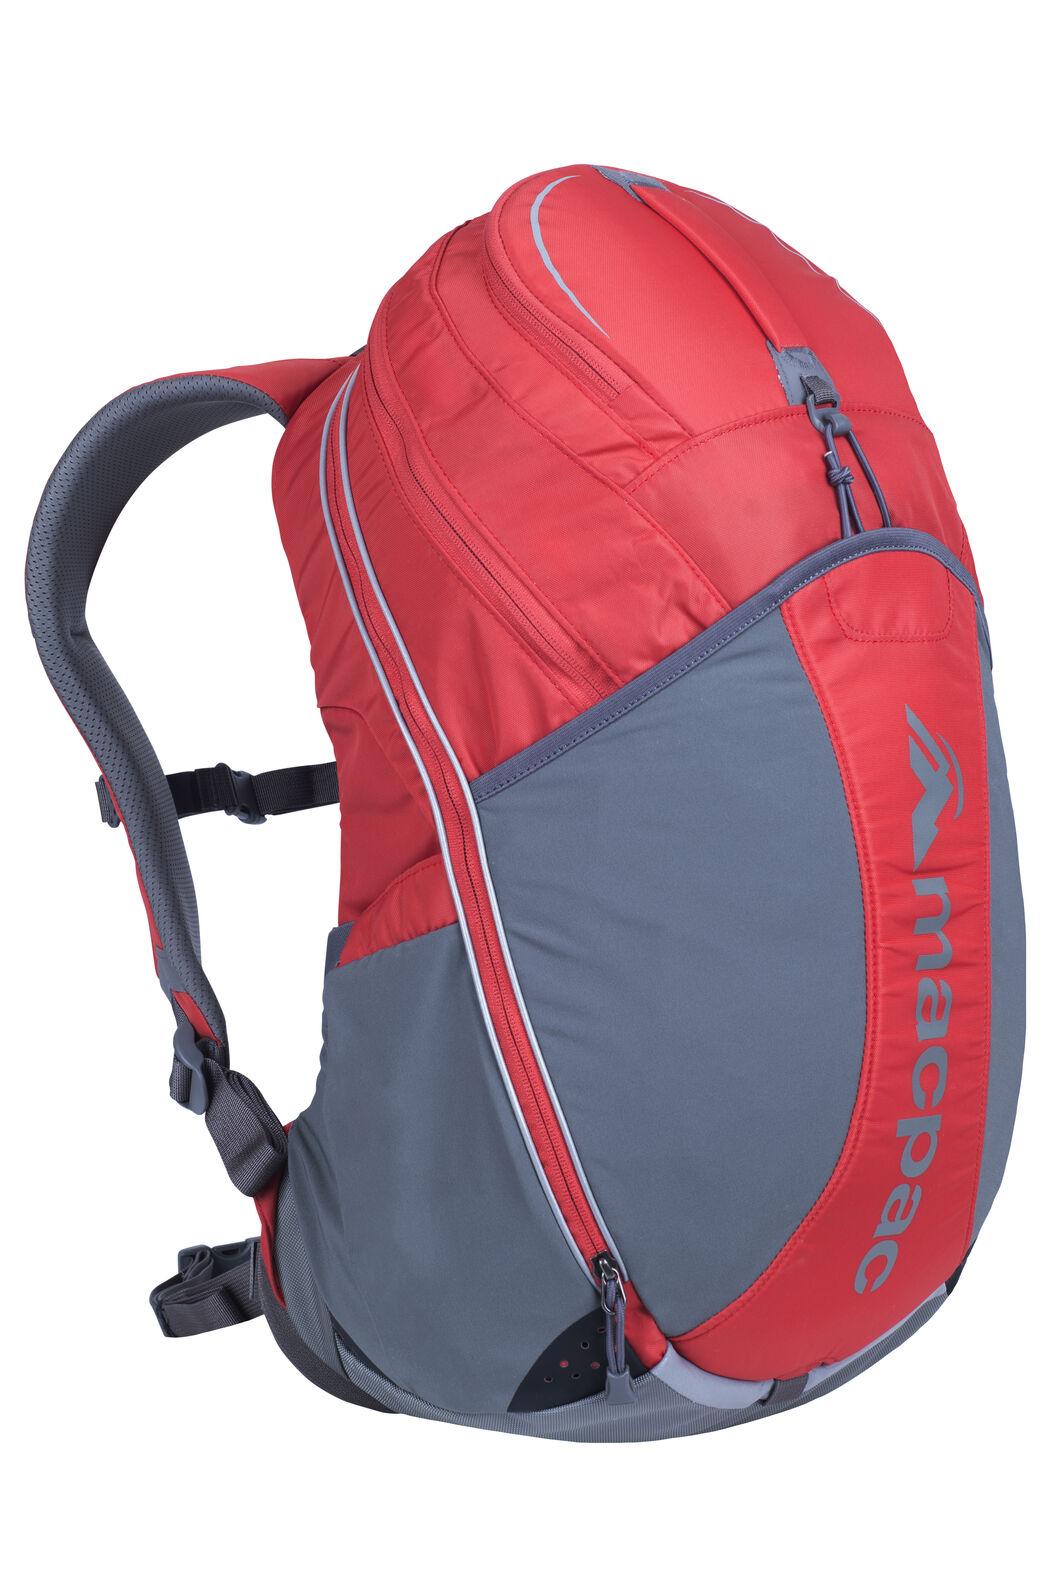 Rapaki Vented 30L Daypack, Molten Lava, hi-res